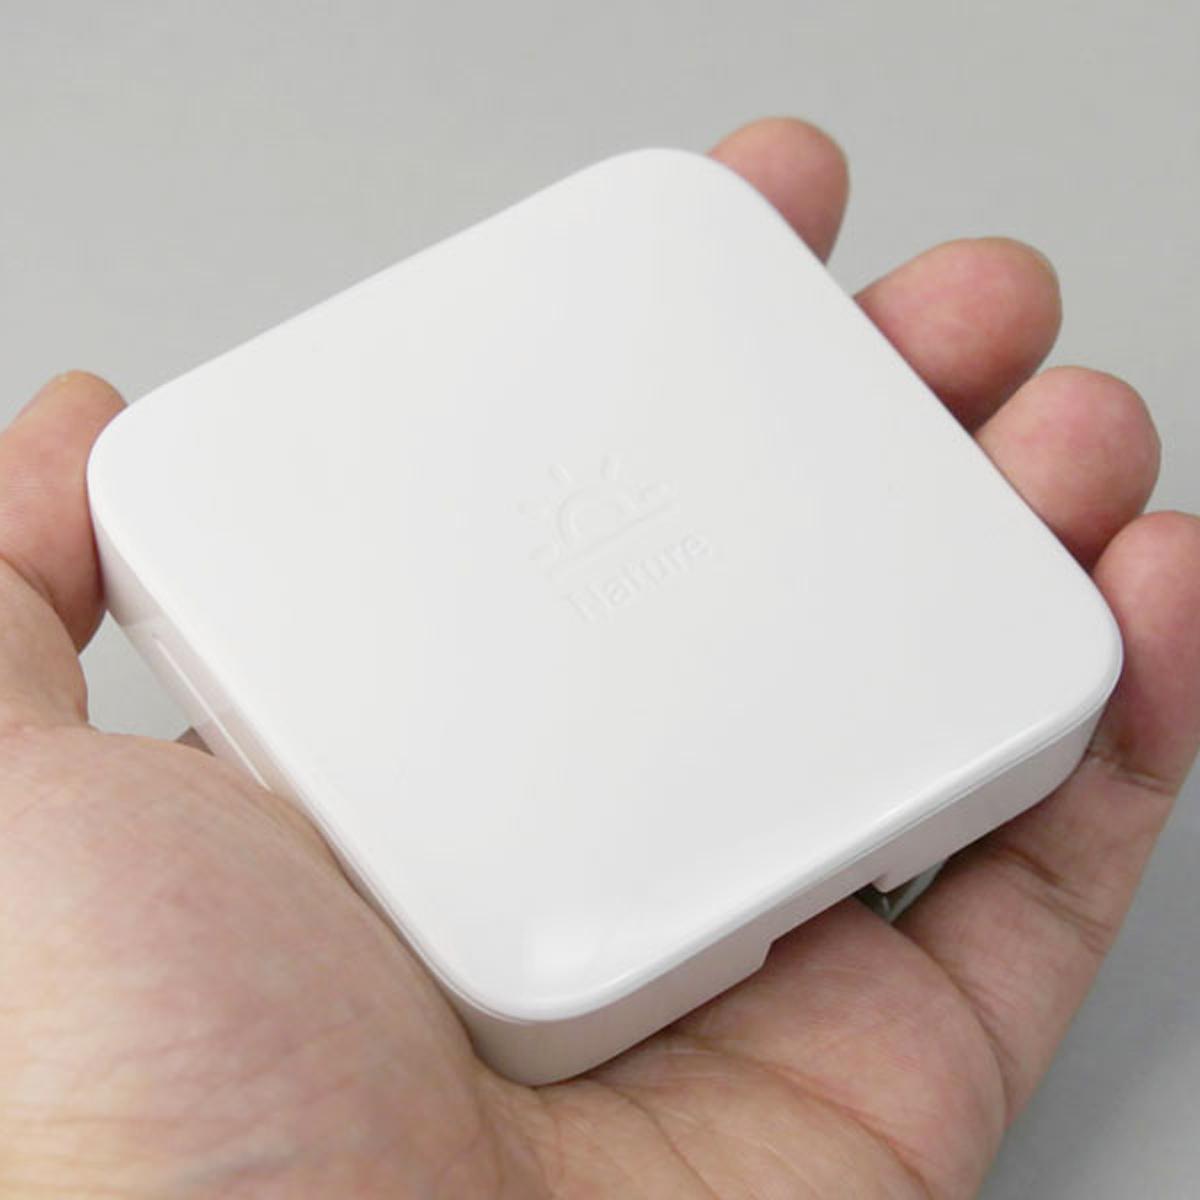 エアコンを外から操作! 便利なスマートリモコンおすすめ製品を厳選